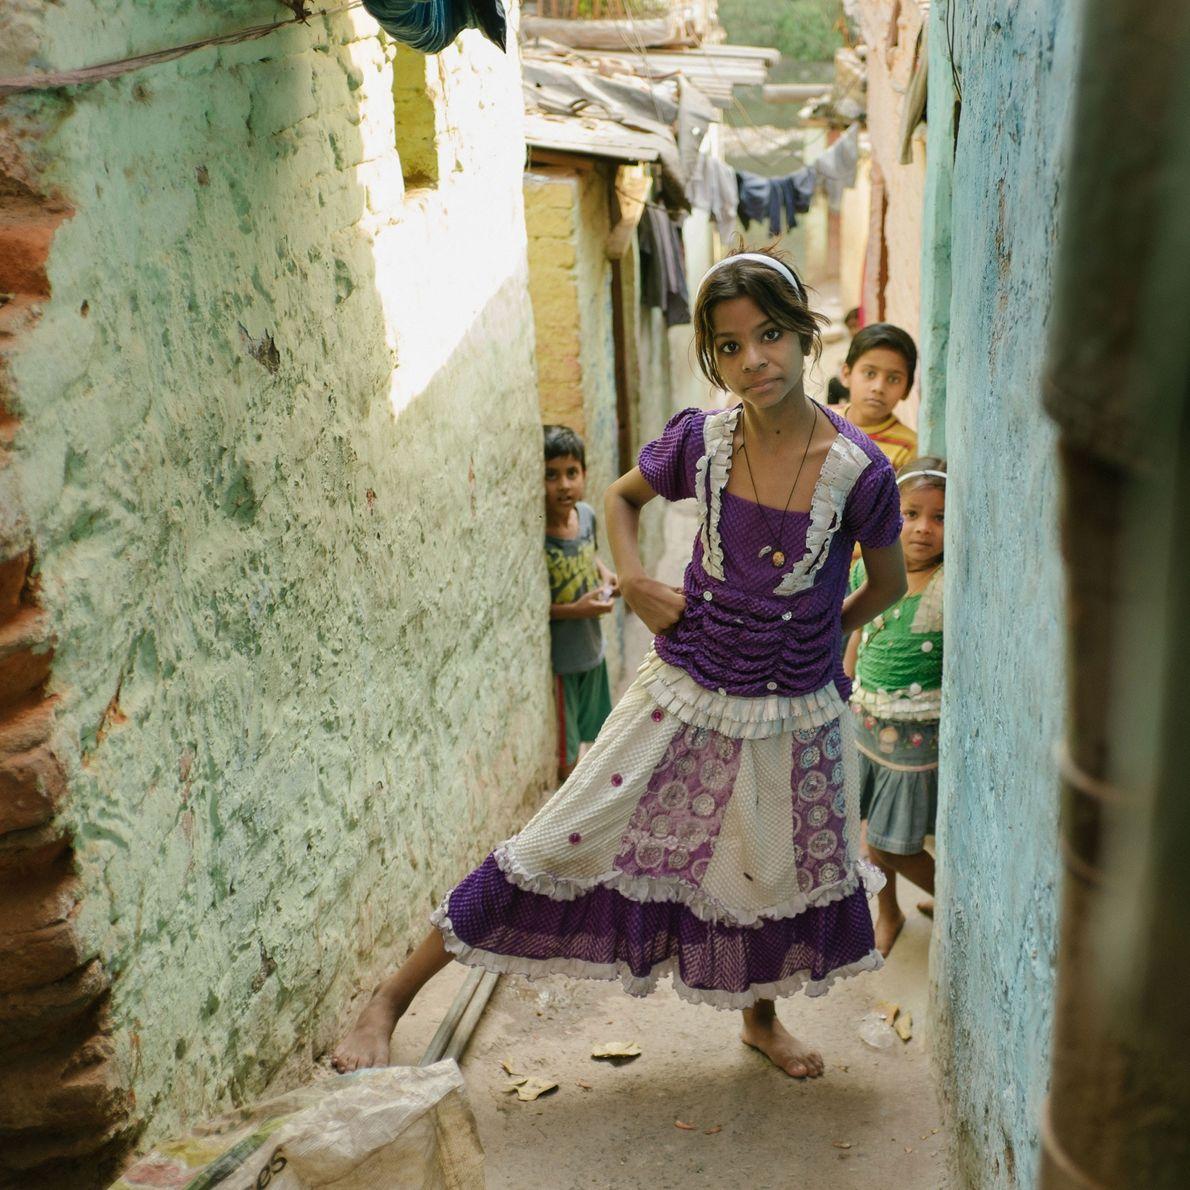 Lixo cresce em vizinhança na Índia